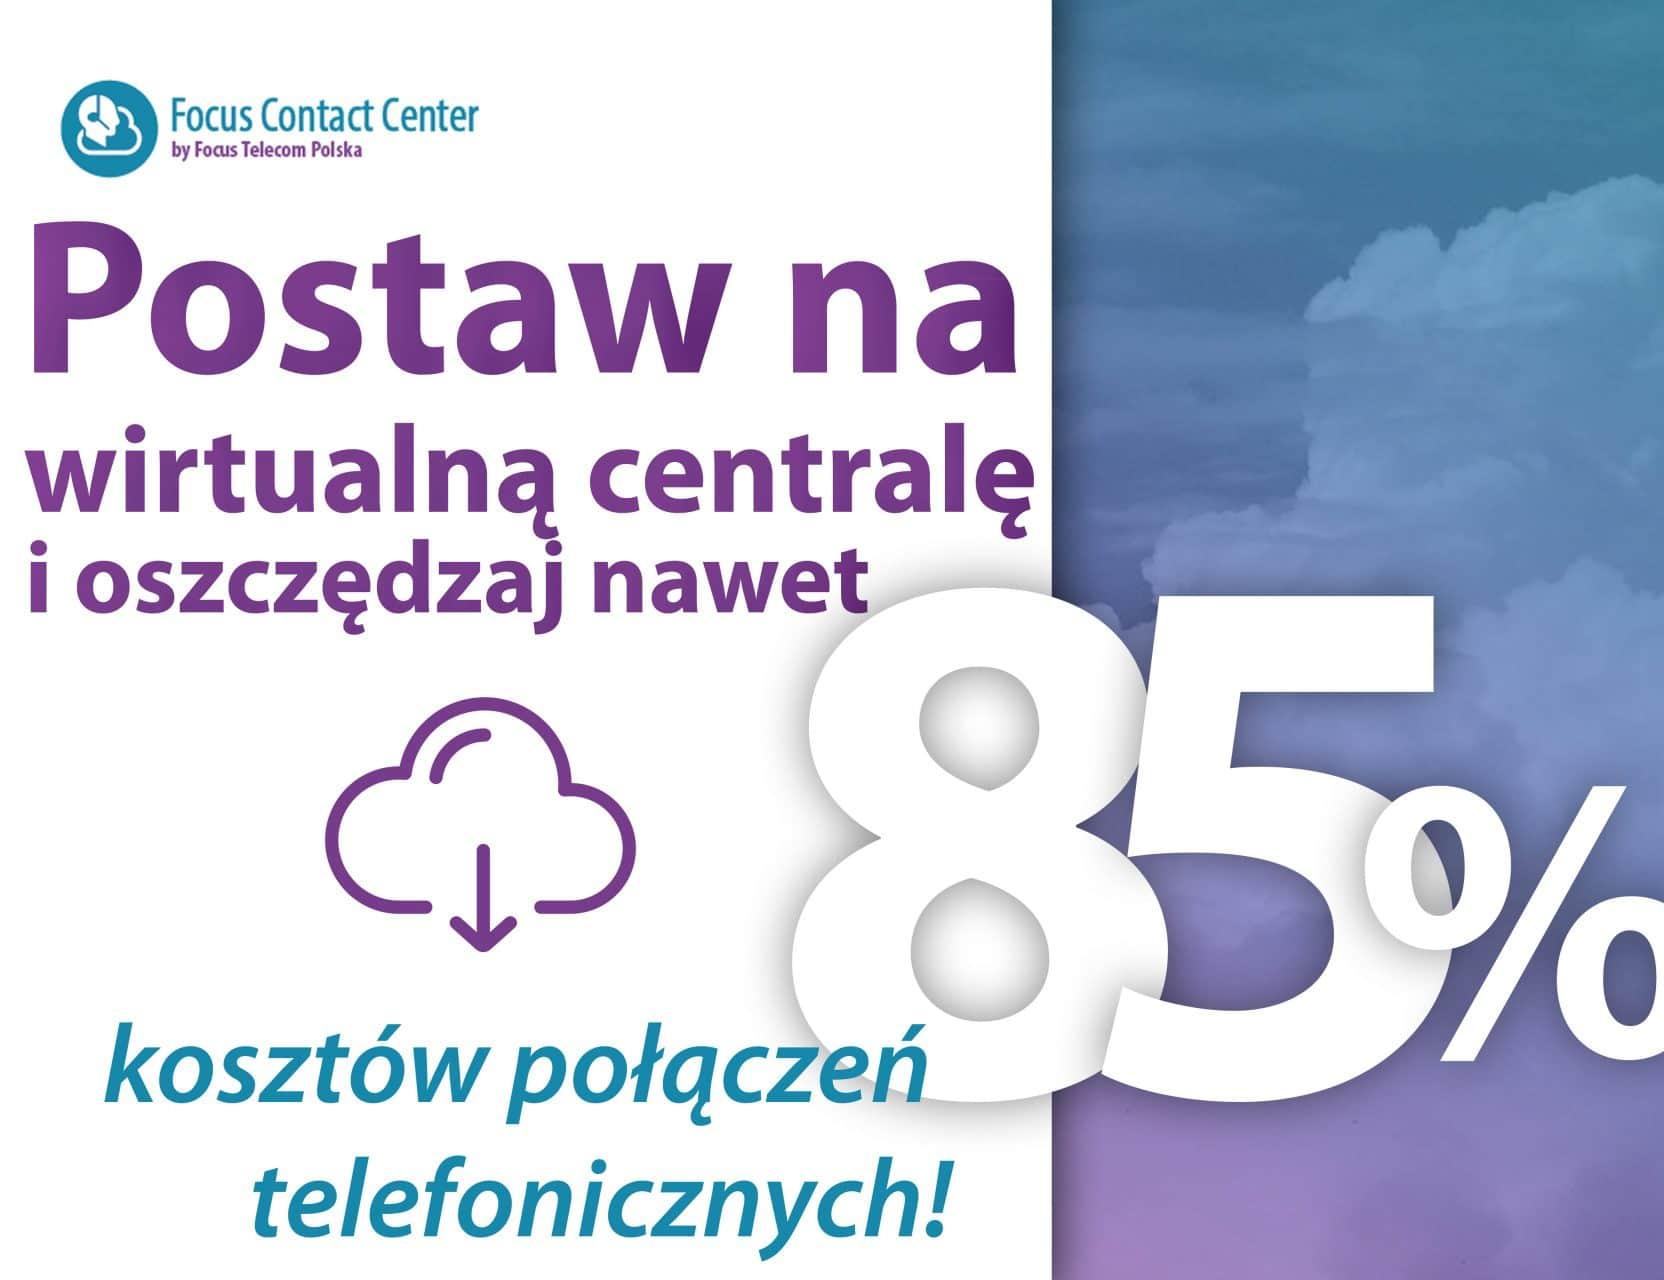 Konfiguracja centrali telefonicznej - pobierz ebook!